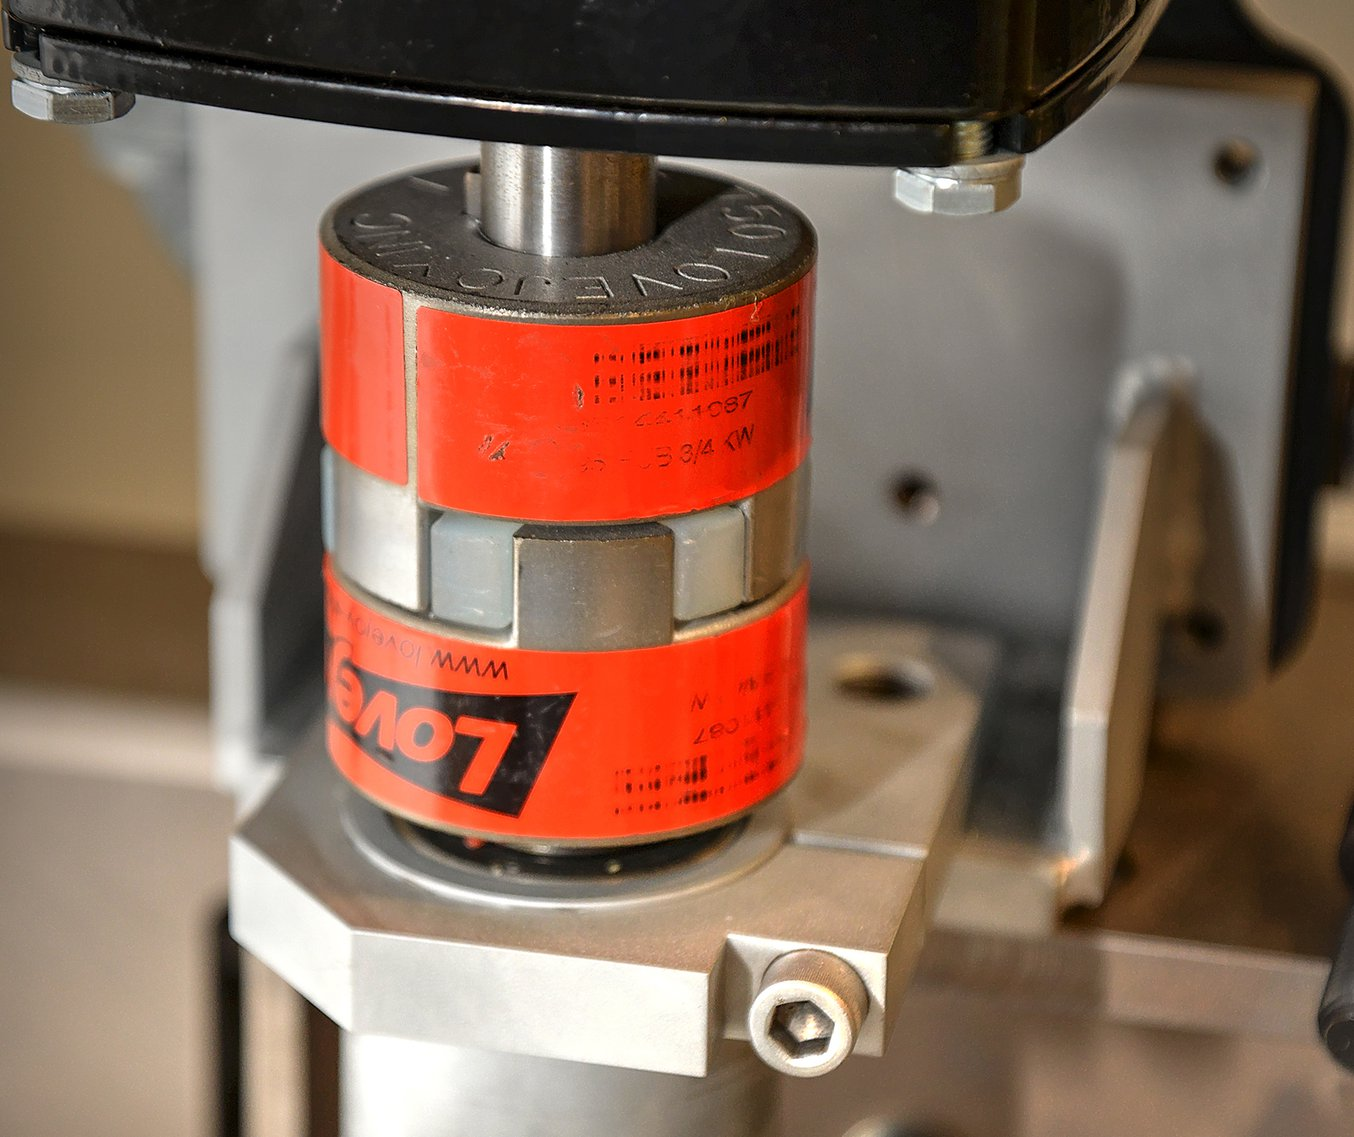 Quando un fornitore esterno ha consegnato un accoppiatore a ragno per una macchina lucidatrice di lenti delle dimensioni sbagliate, un ingegnere presso A&M Tool and Design ha stampato in 3D un sostituto in Durable Resin per risolvere il problema